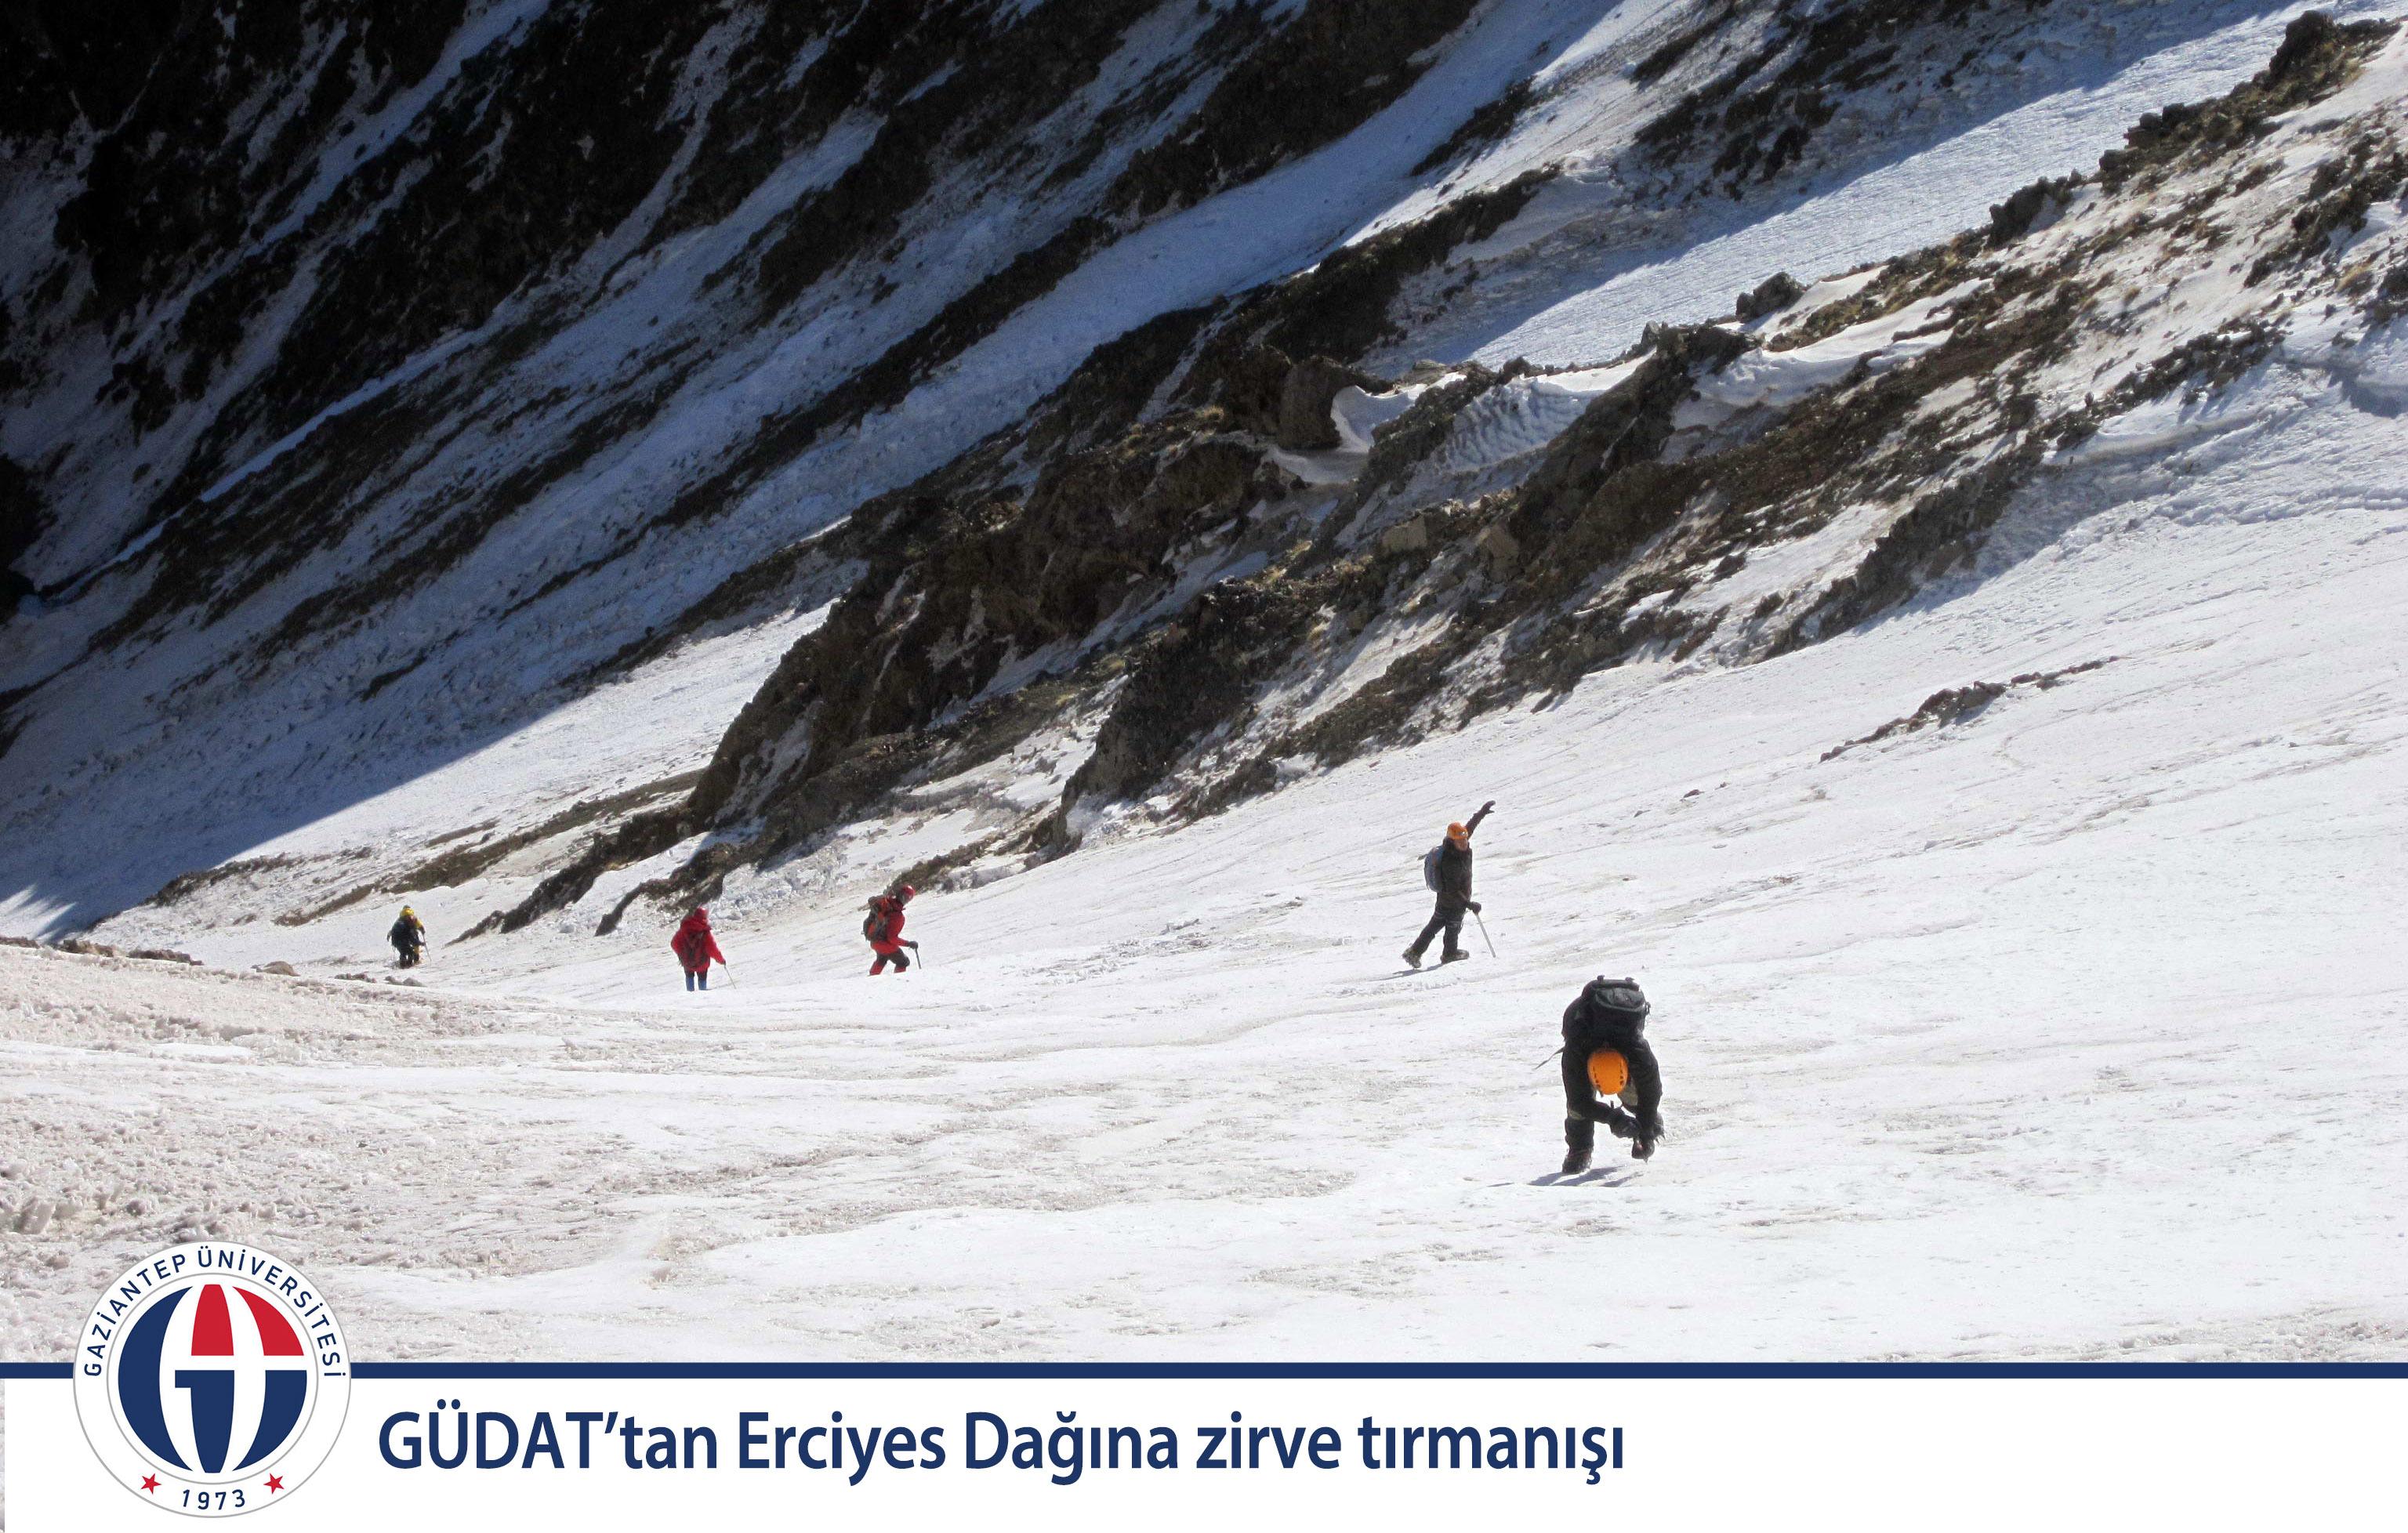 GÜDAT'tan Erciyes Dağına zirve tırmanışı_